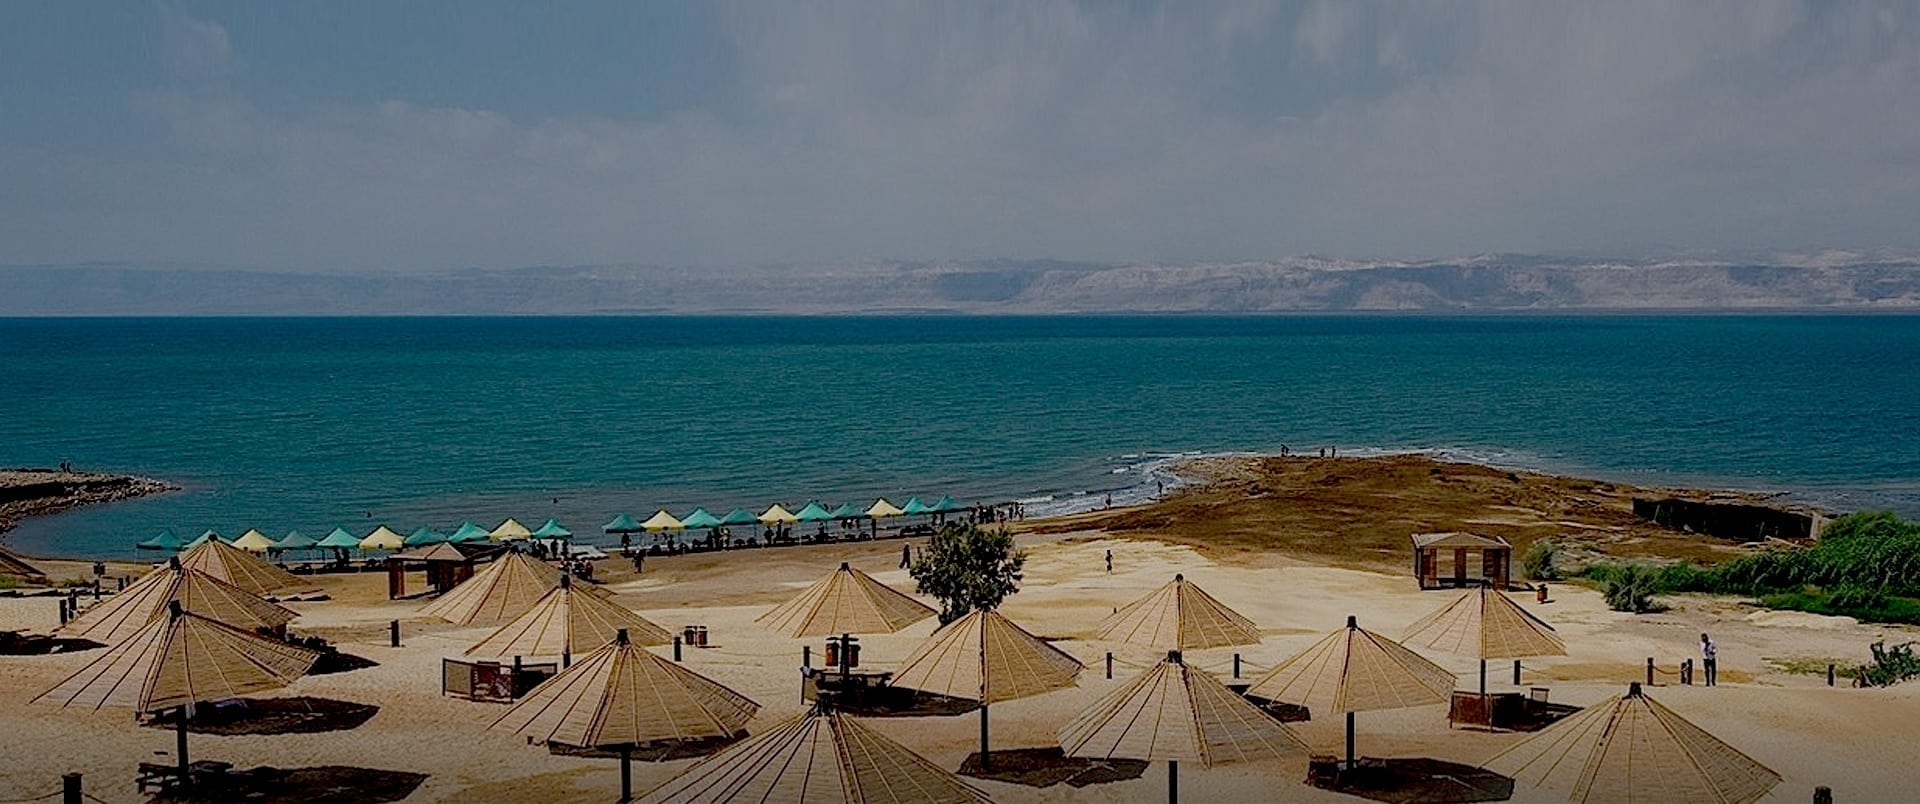 dead sea main beach